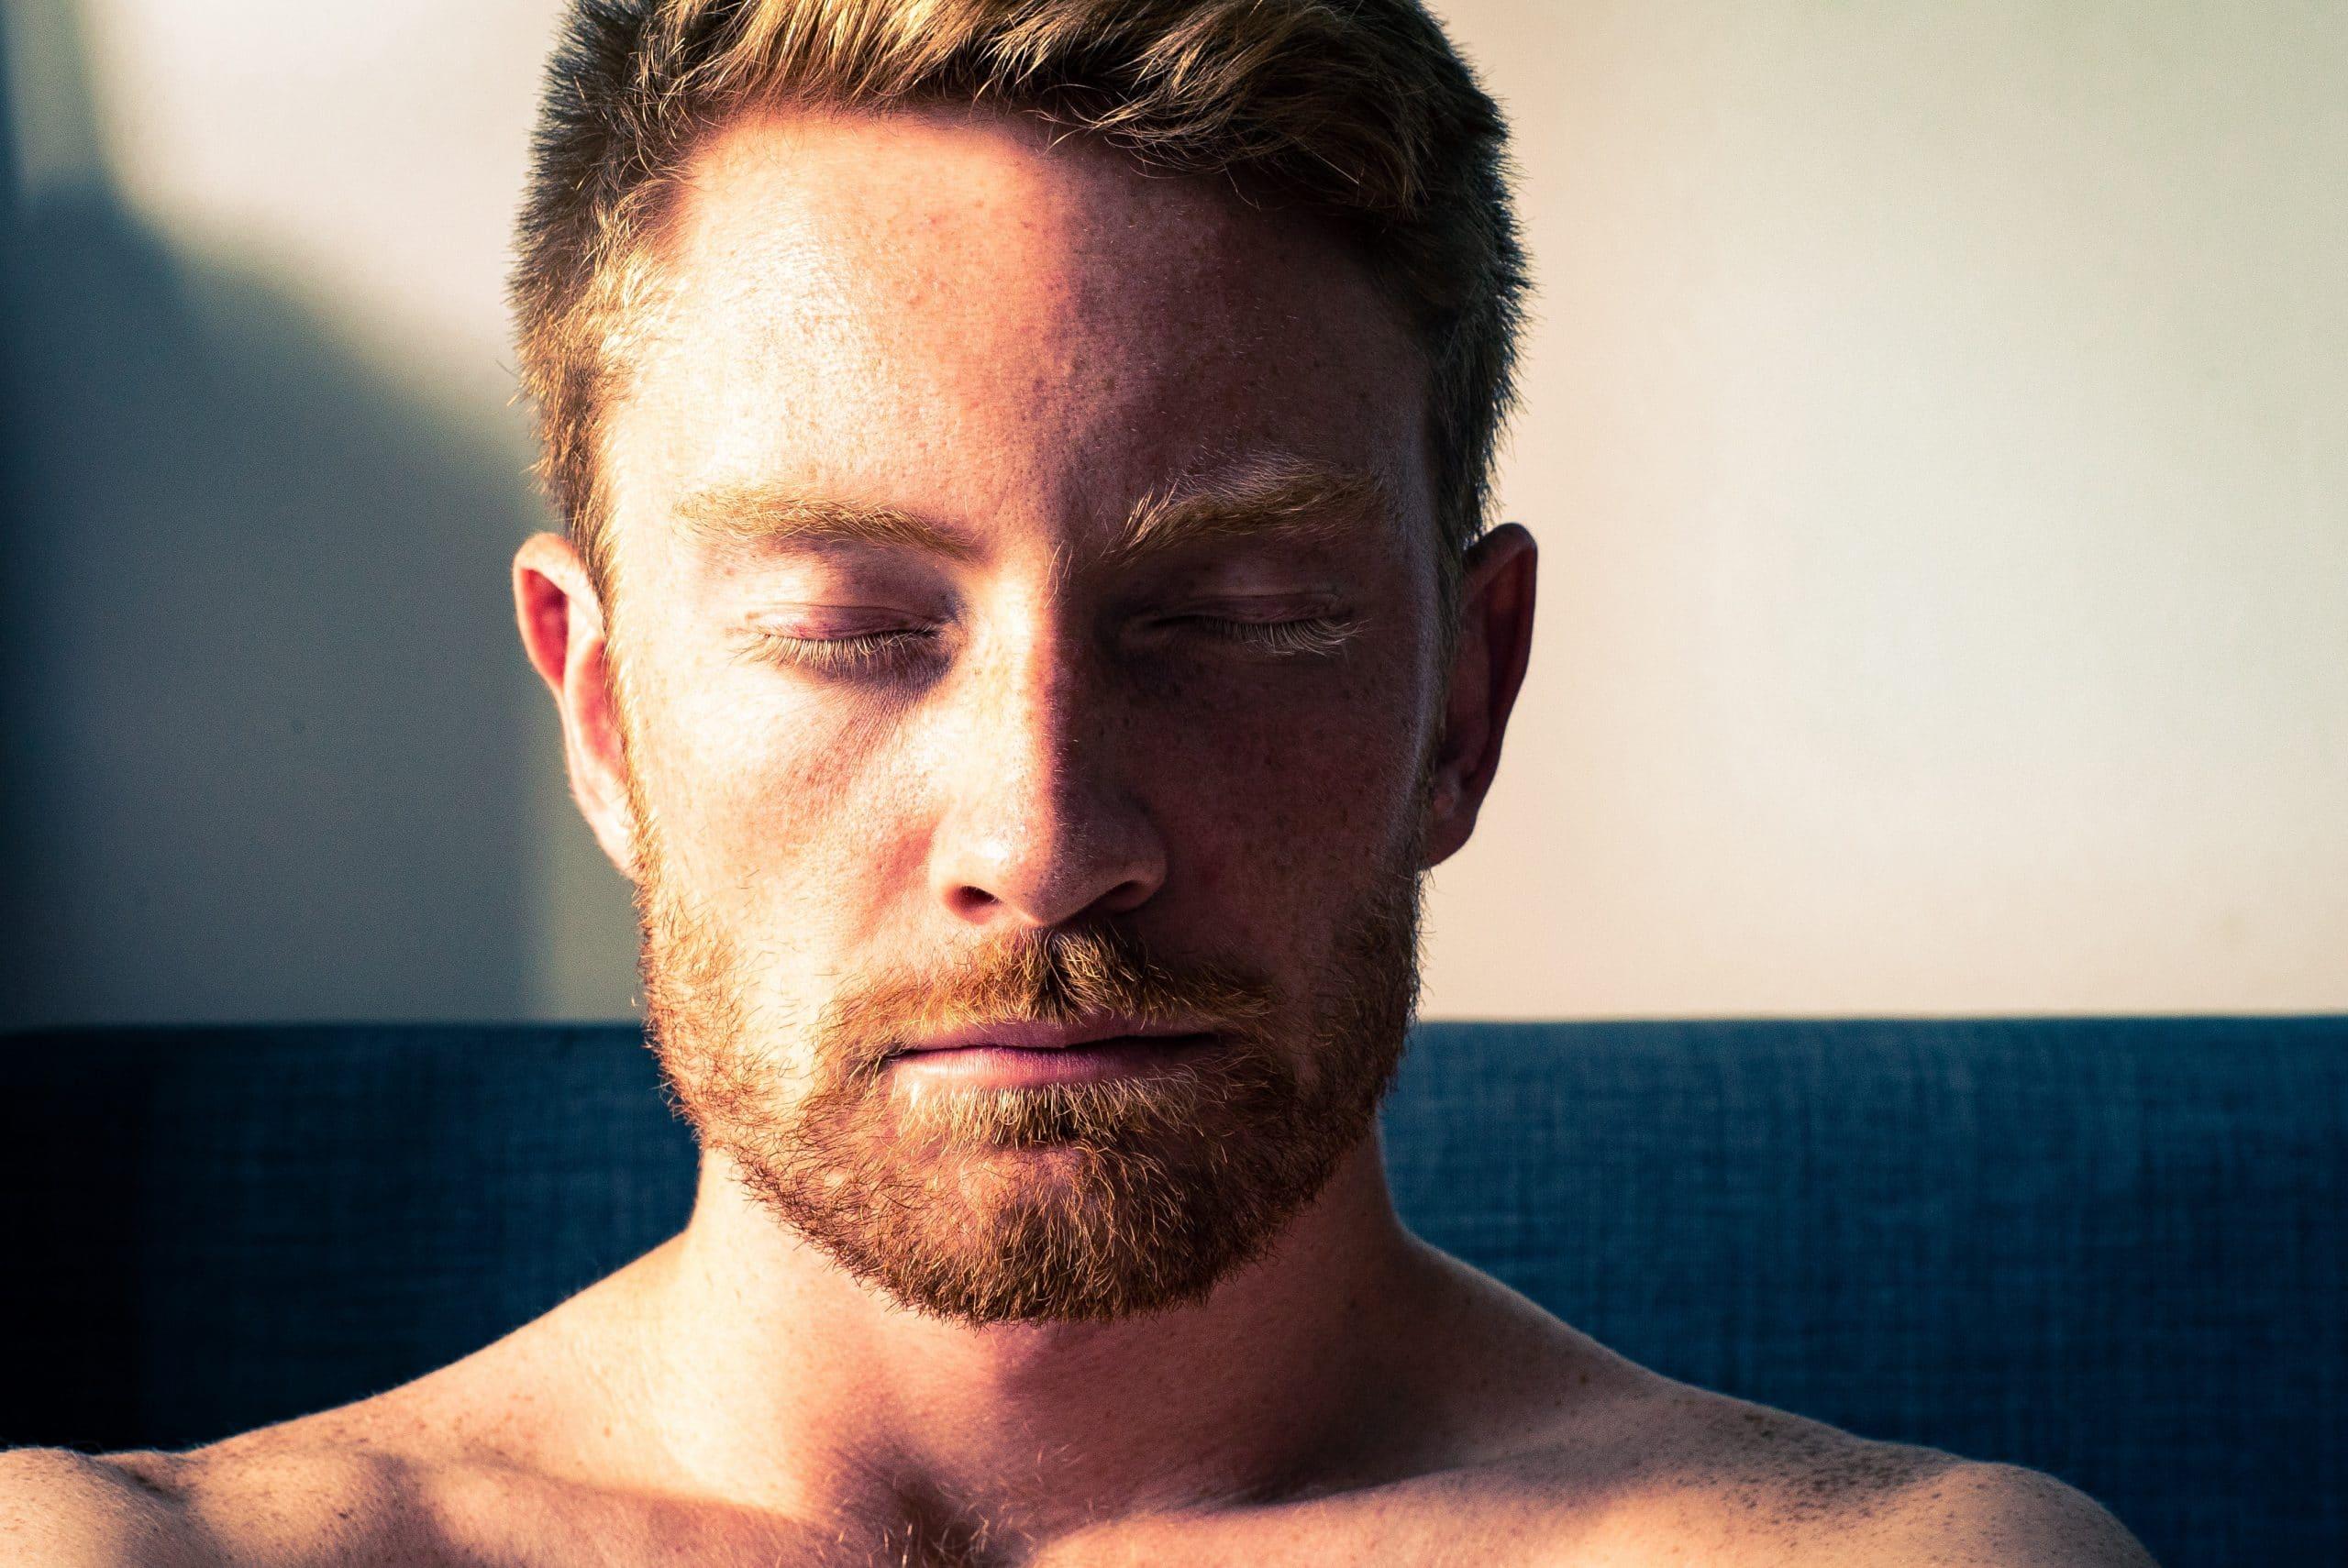 Rosto de homem visto de frente com olhos fechados